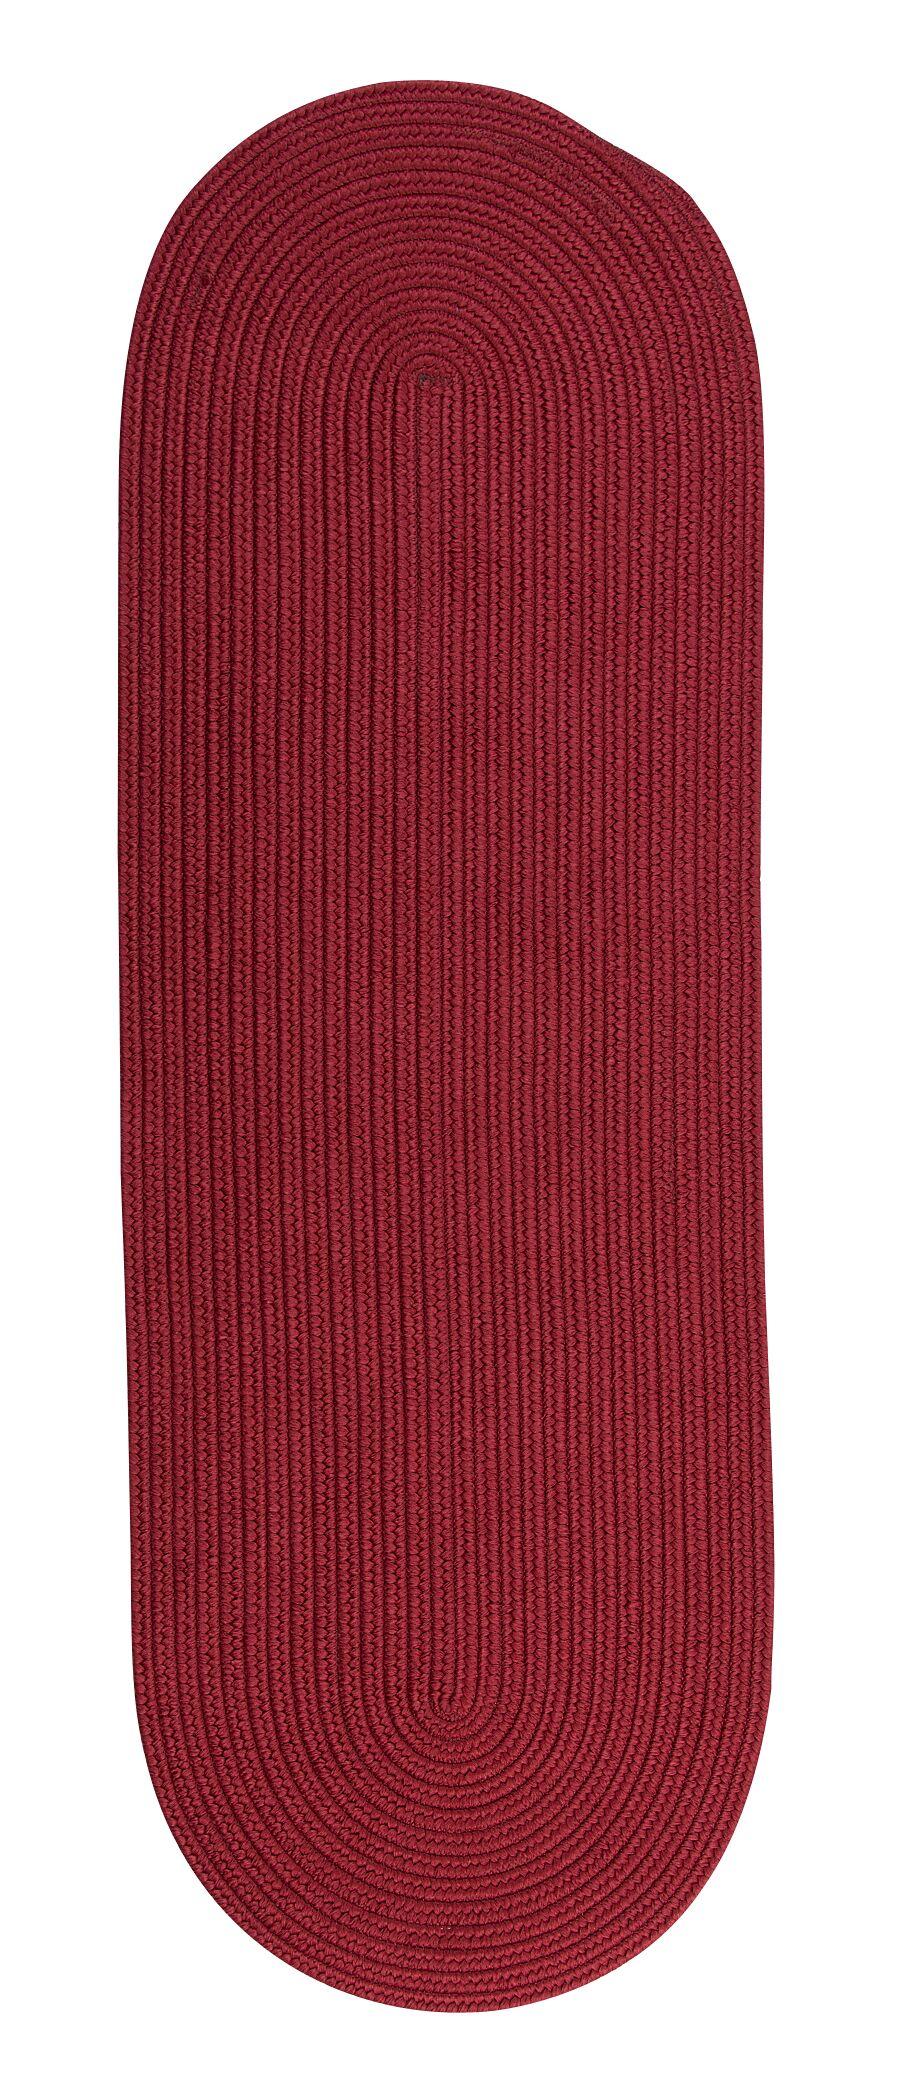 Mcintyre Sangria Indoor/Outdoor Rug Rug Size: Oval Runner 2' x 10'